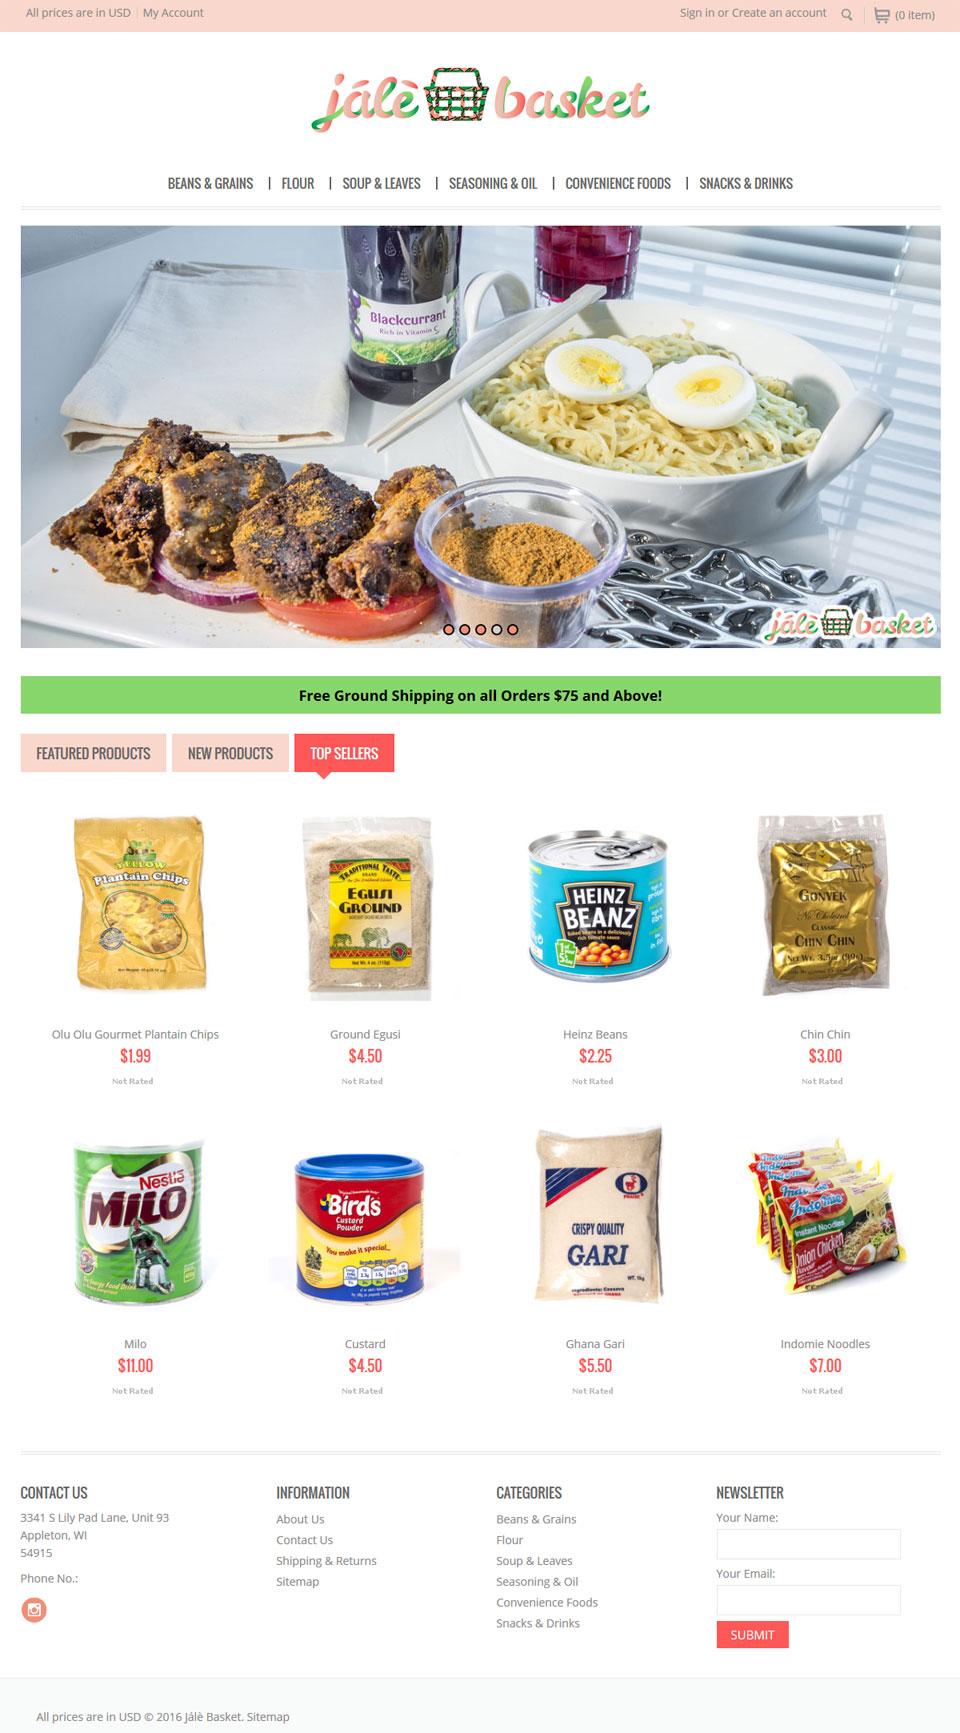 food industry eccomerce website design in BigCommerce